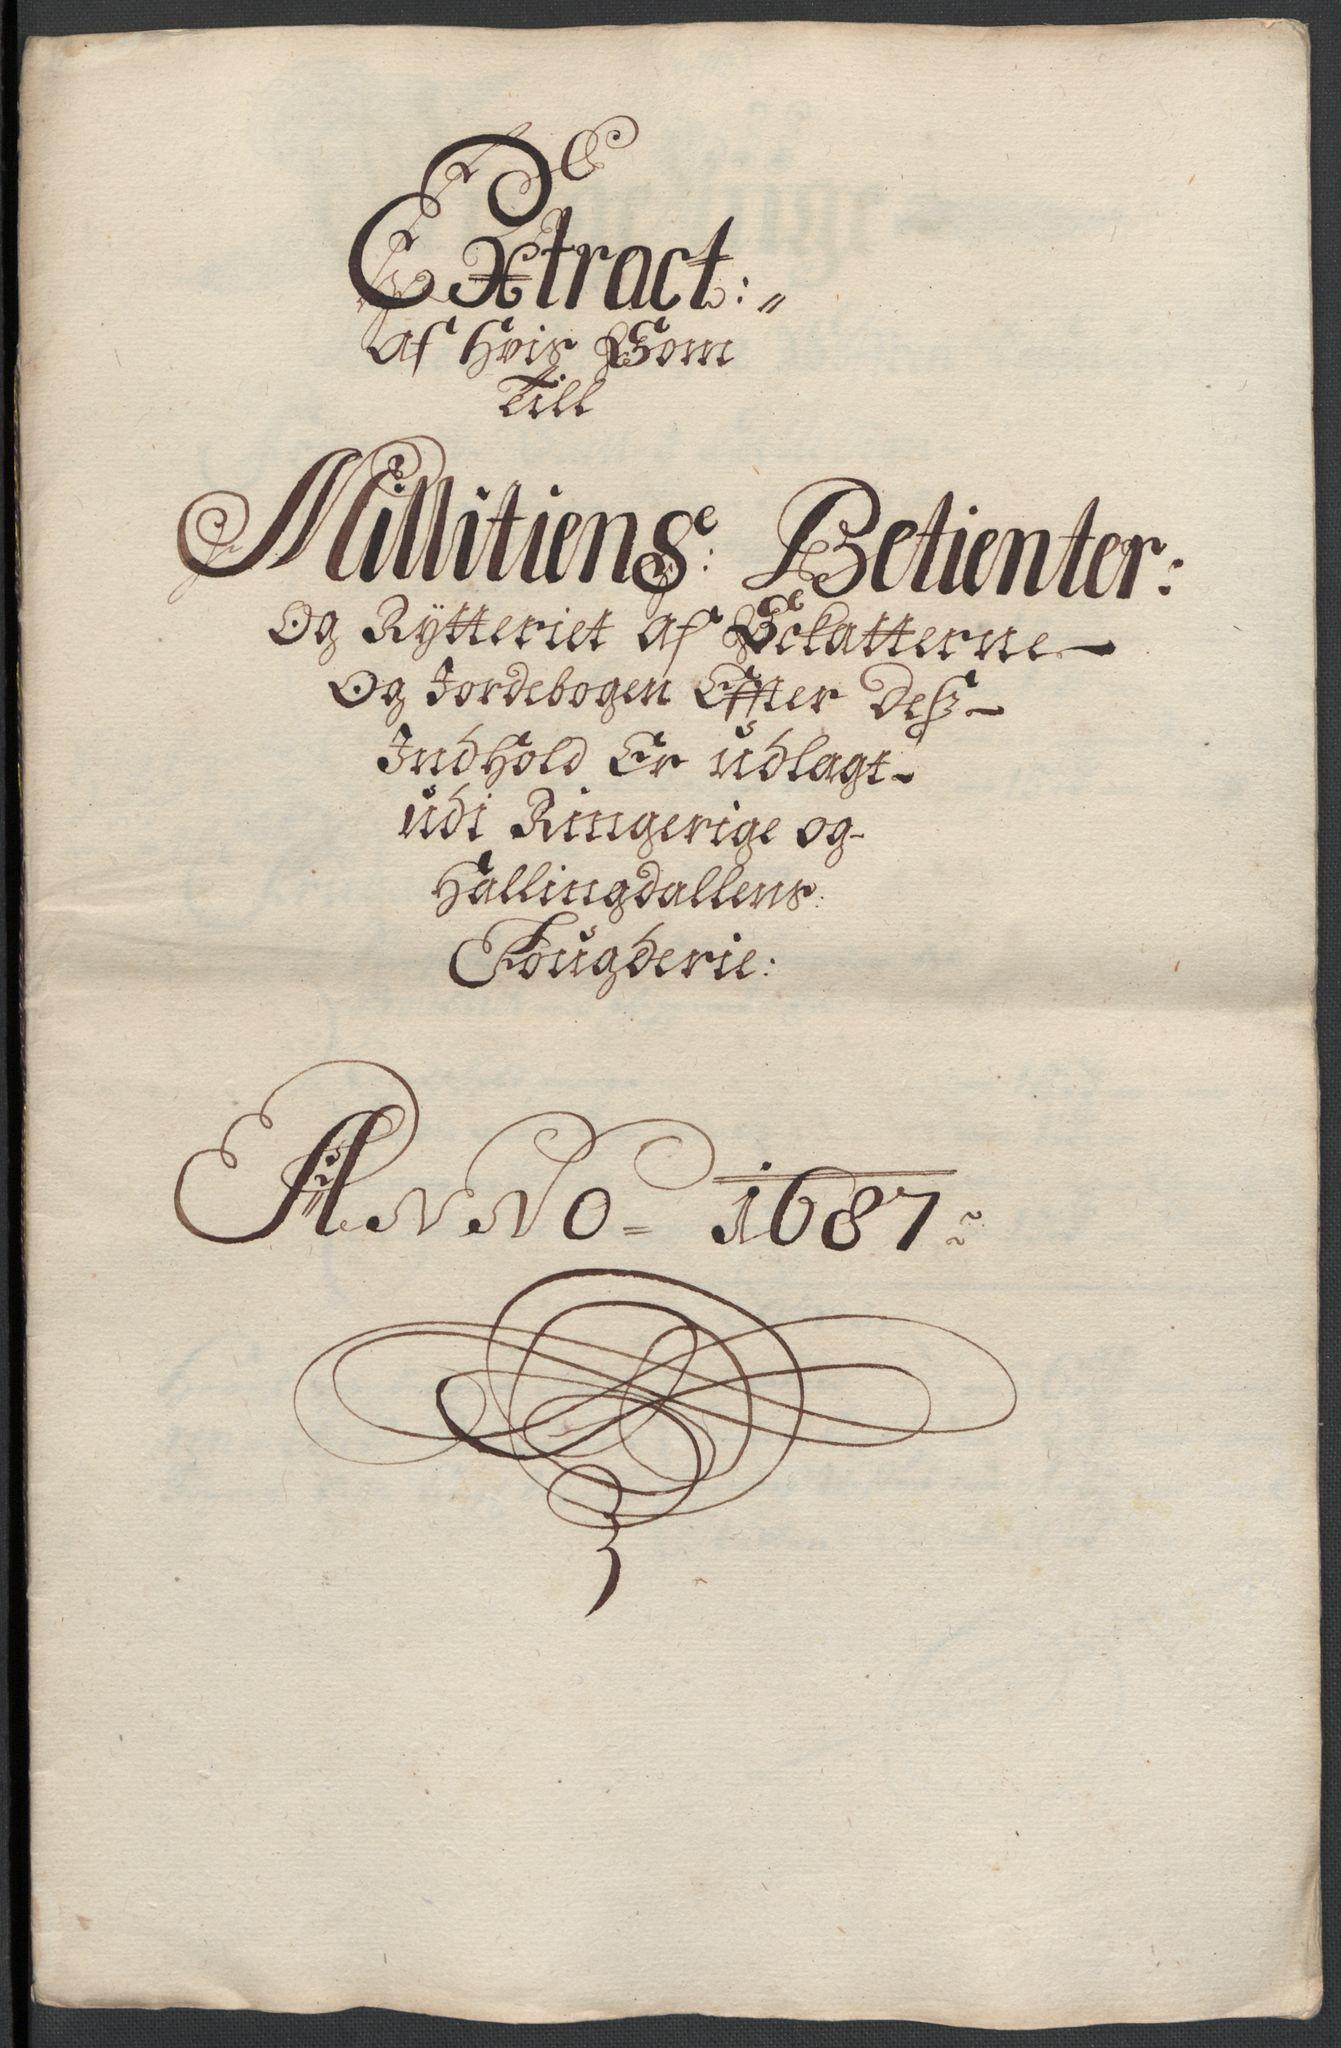 RA, Rentekammeret inntil 1814, Reviderte regnskaper, Fogderegnskap, R21/L1447: Fogderegnskap Ringerike og Hallingdal, 1687-1689, s. 110